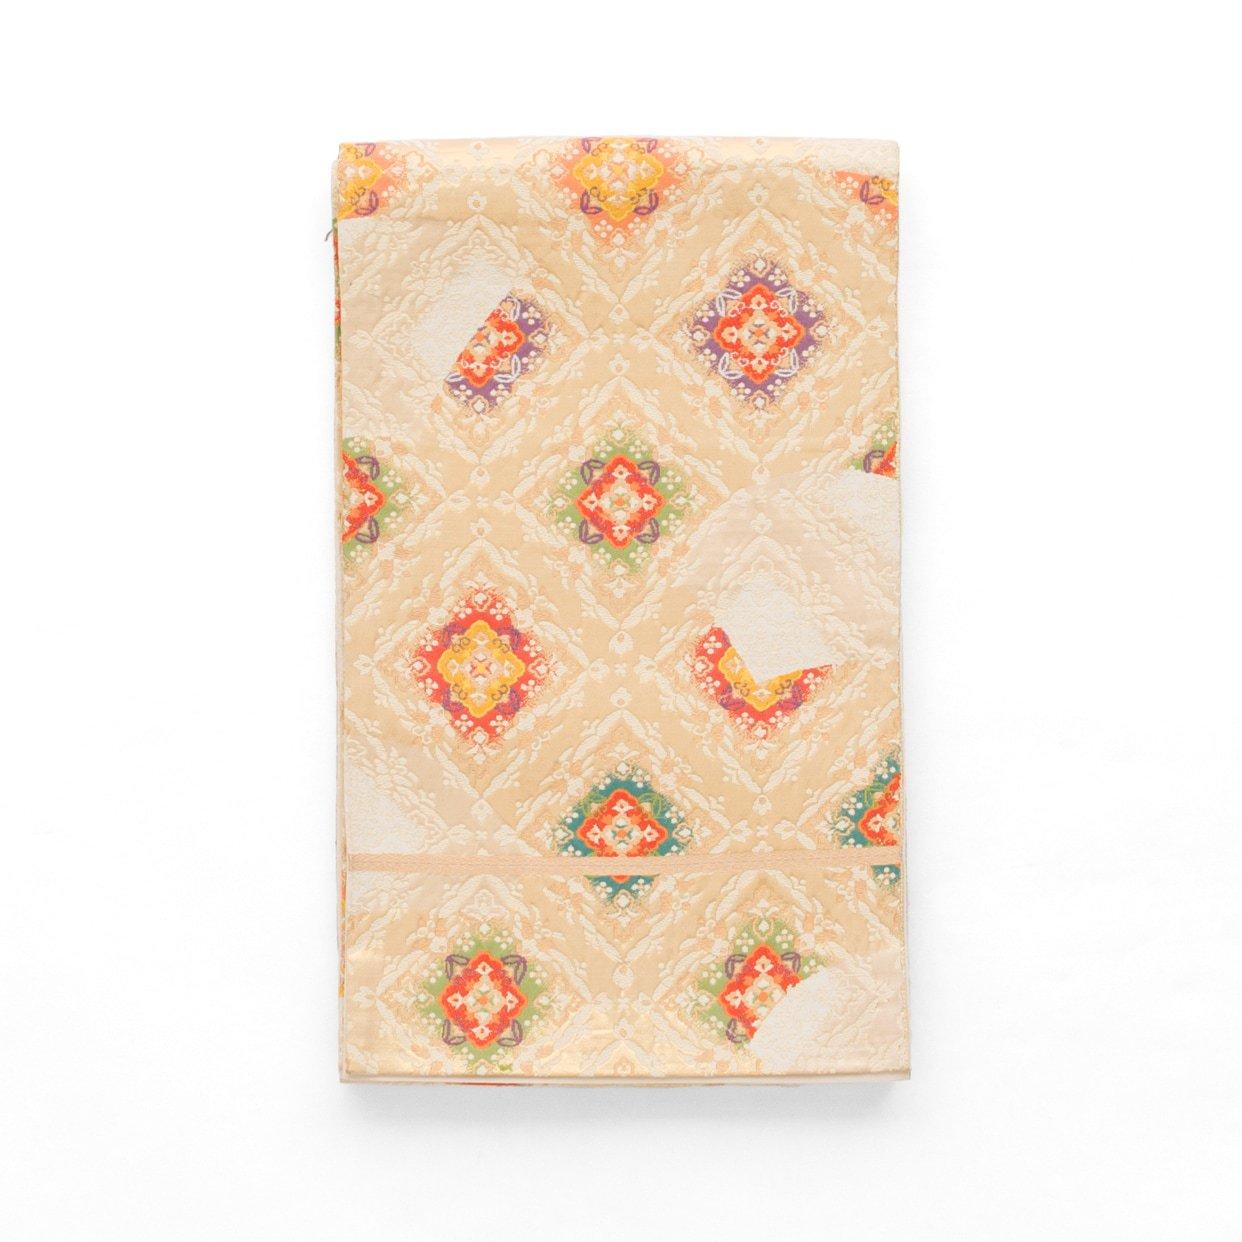 「袋帯●菱に華紋」の商品画像